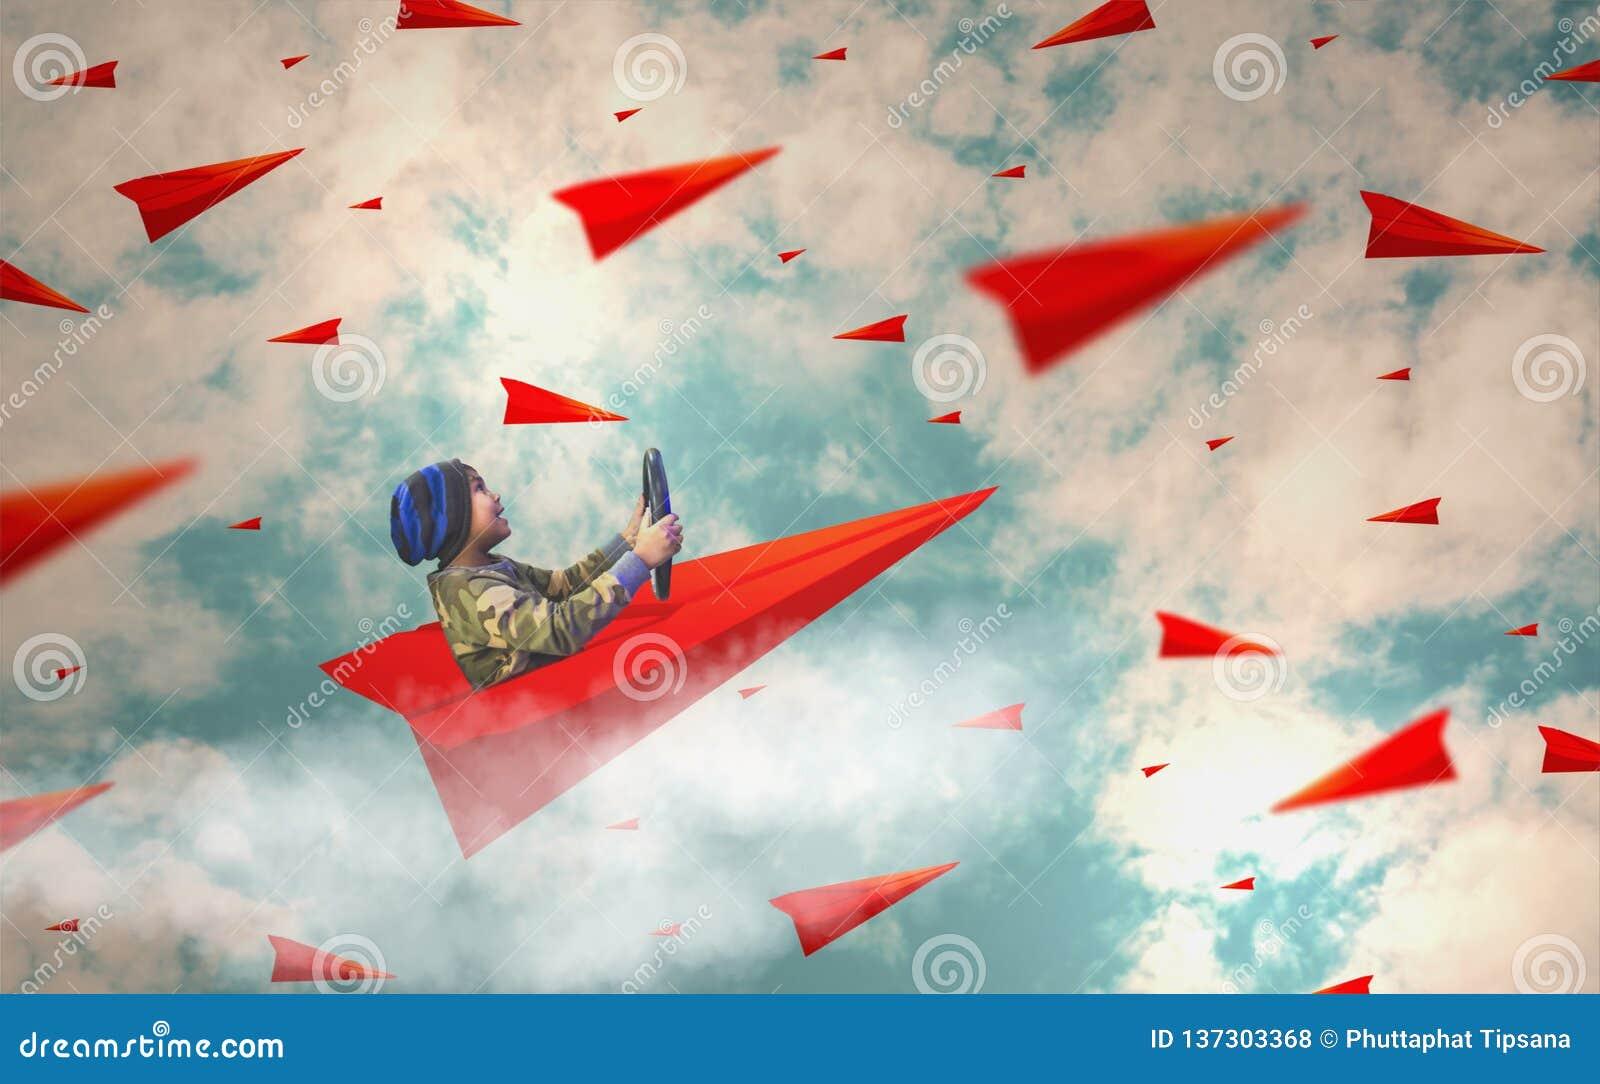 Os meninos apreciam conduzir os aviões de papel que sobem acima no céu enchido com muitos planos, conceitos, visão e liderança de